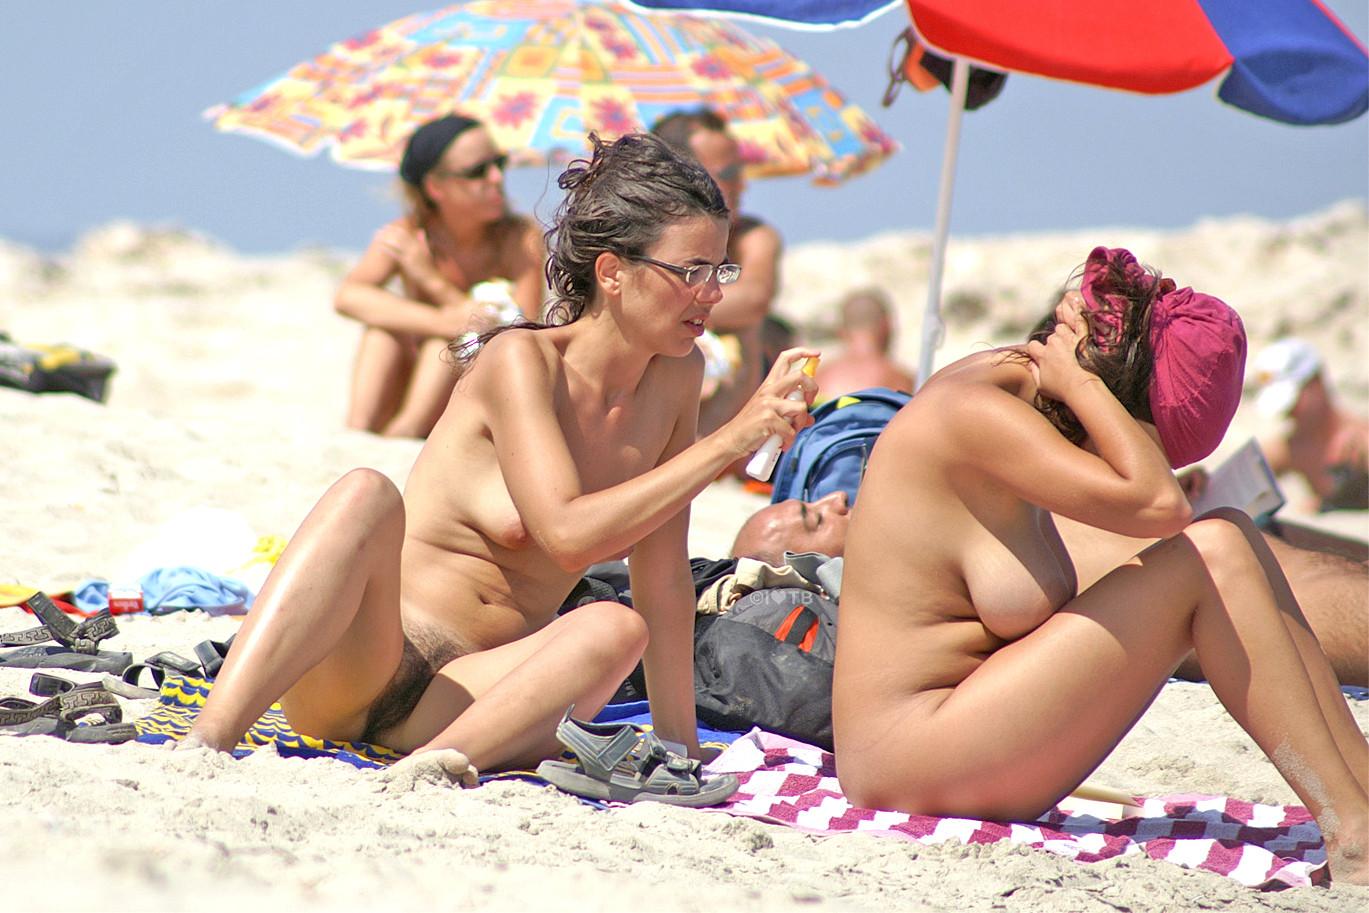 Vdeo amateur grabado a escondidas en una playa nudista